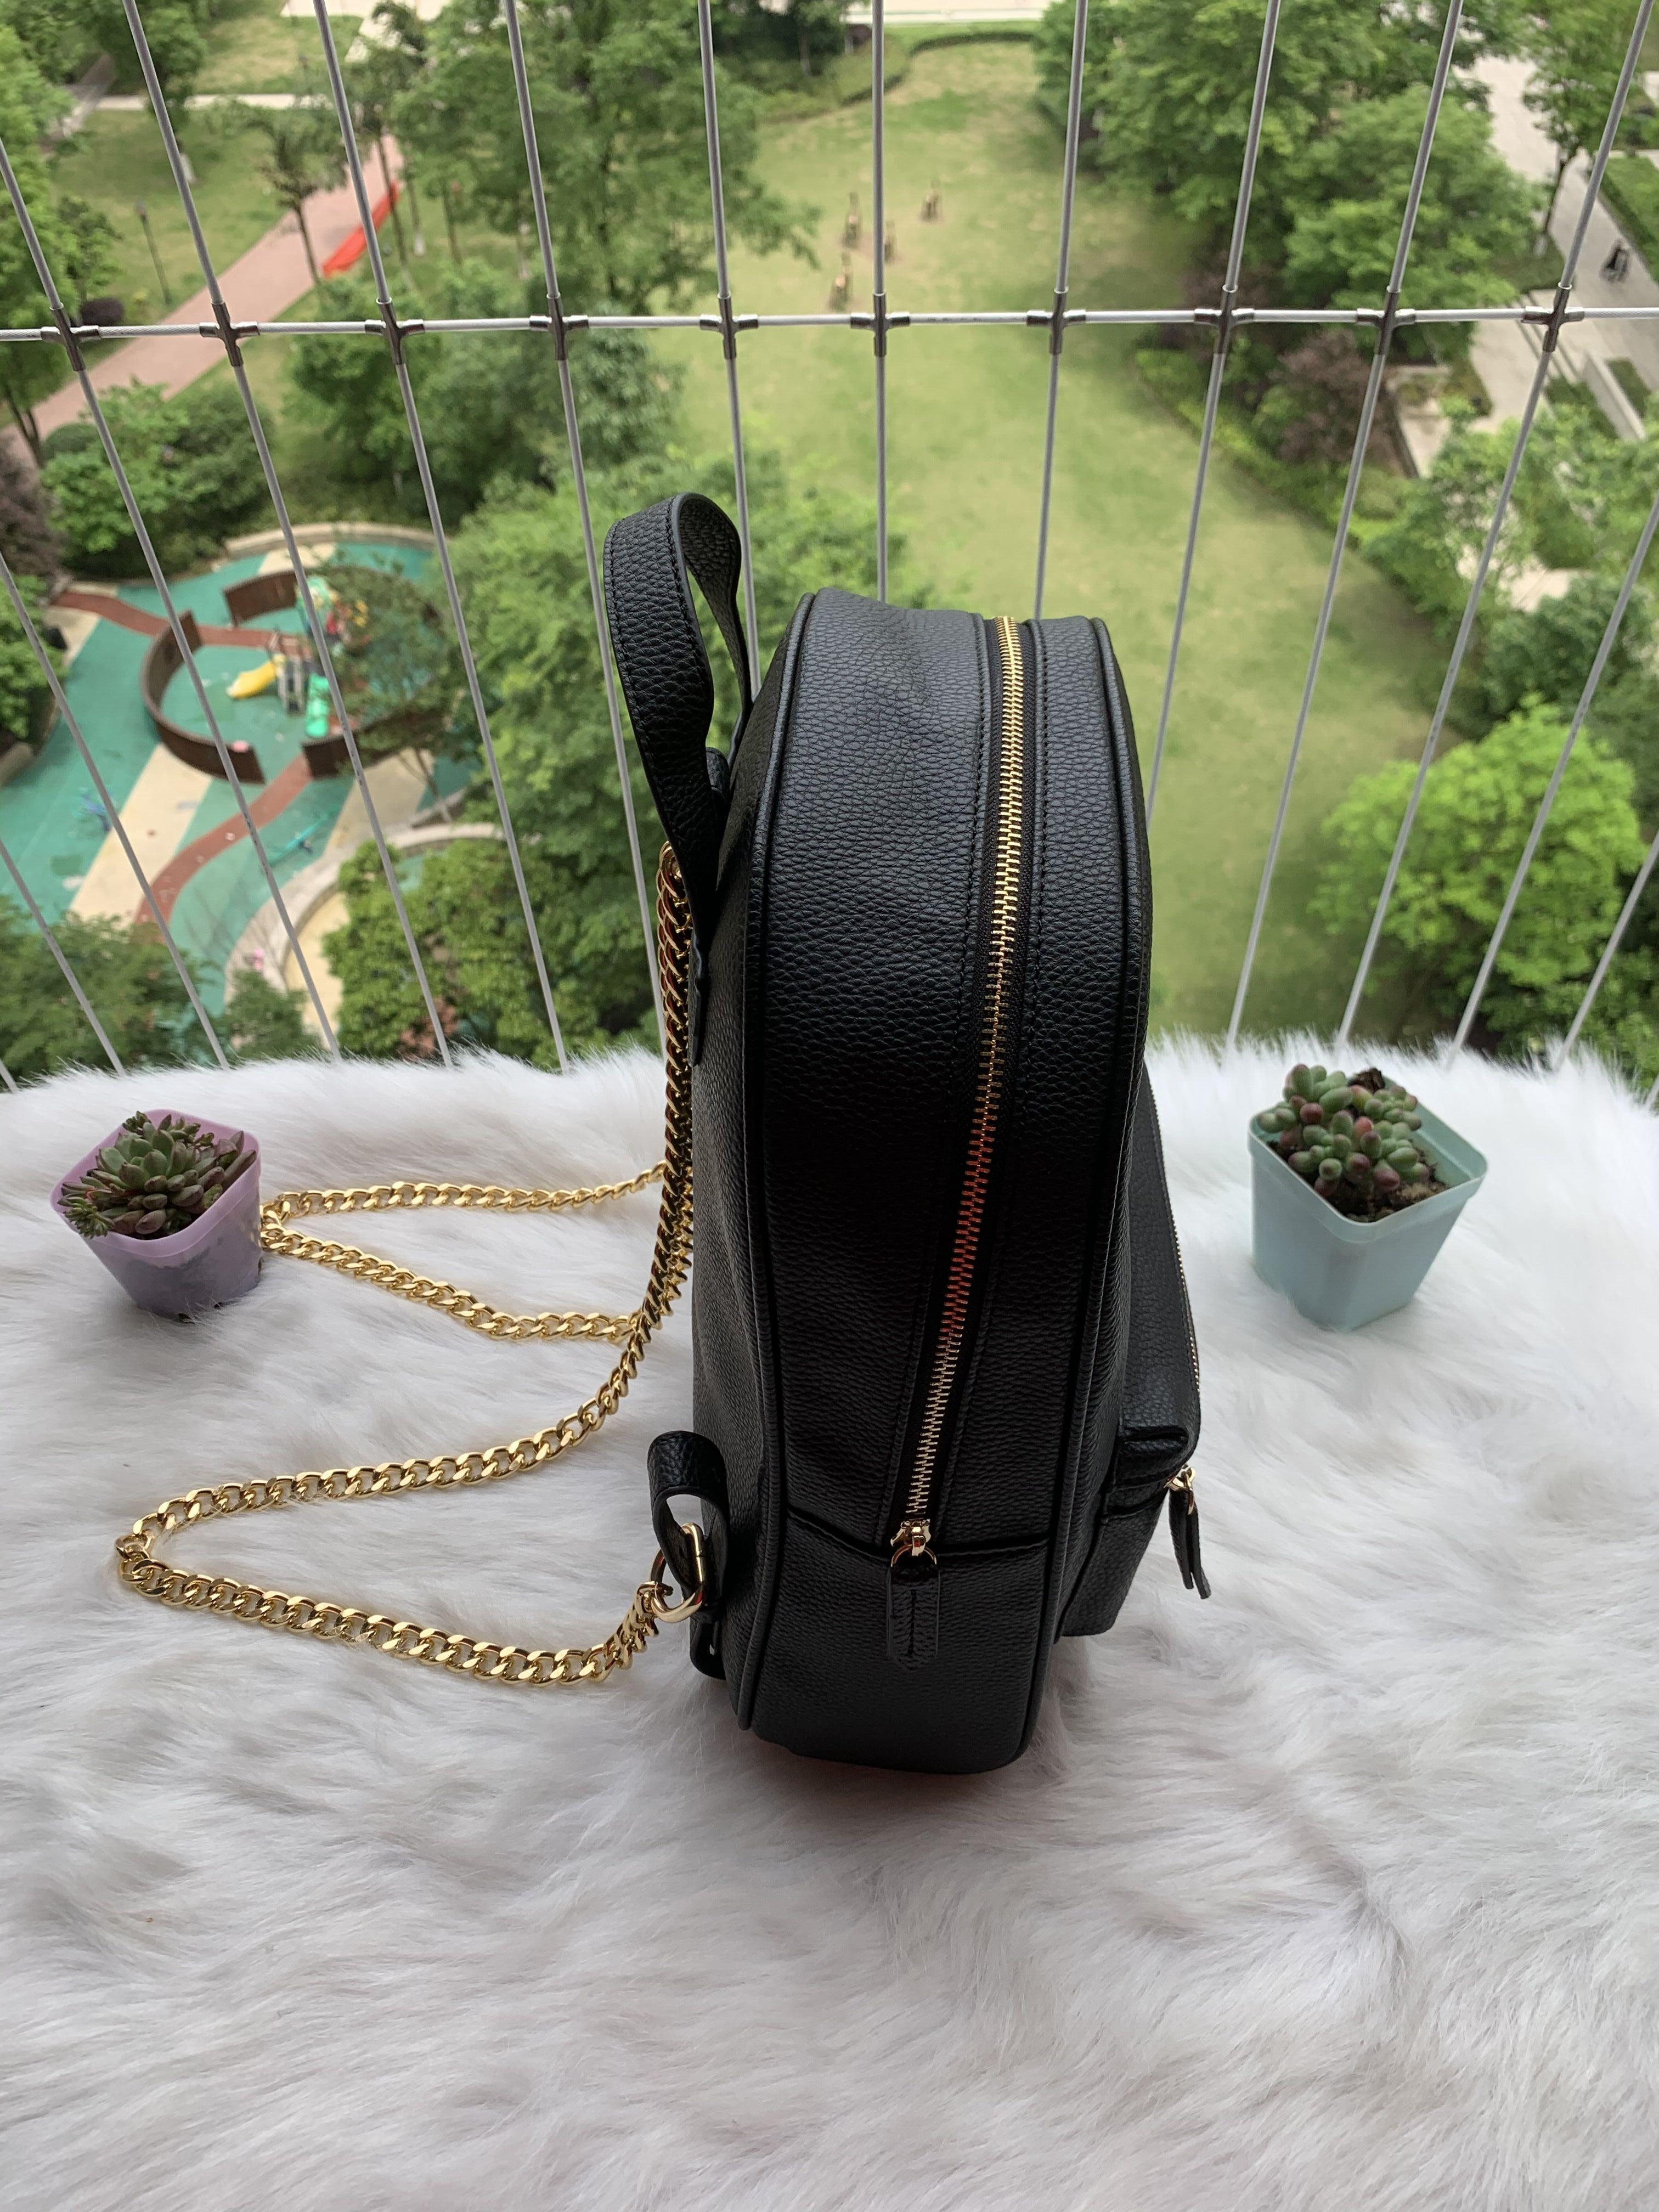 Cadeia de luxo cintas de ombro mochila designer 2021 moda mulheres senhora preto pu bolsa de couro encantos sacos de escola